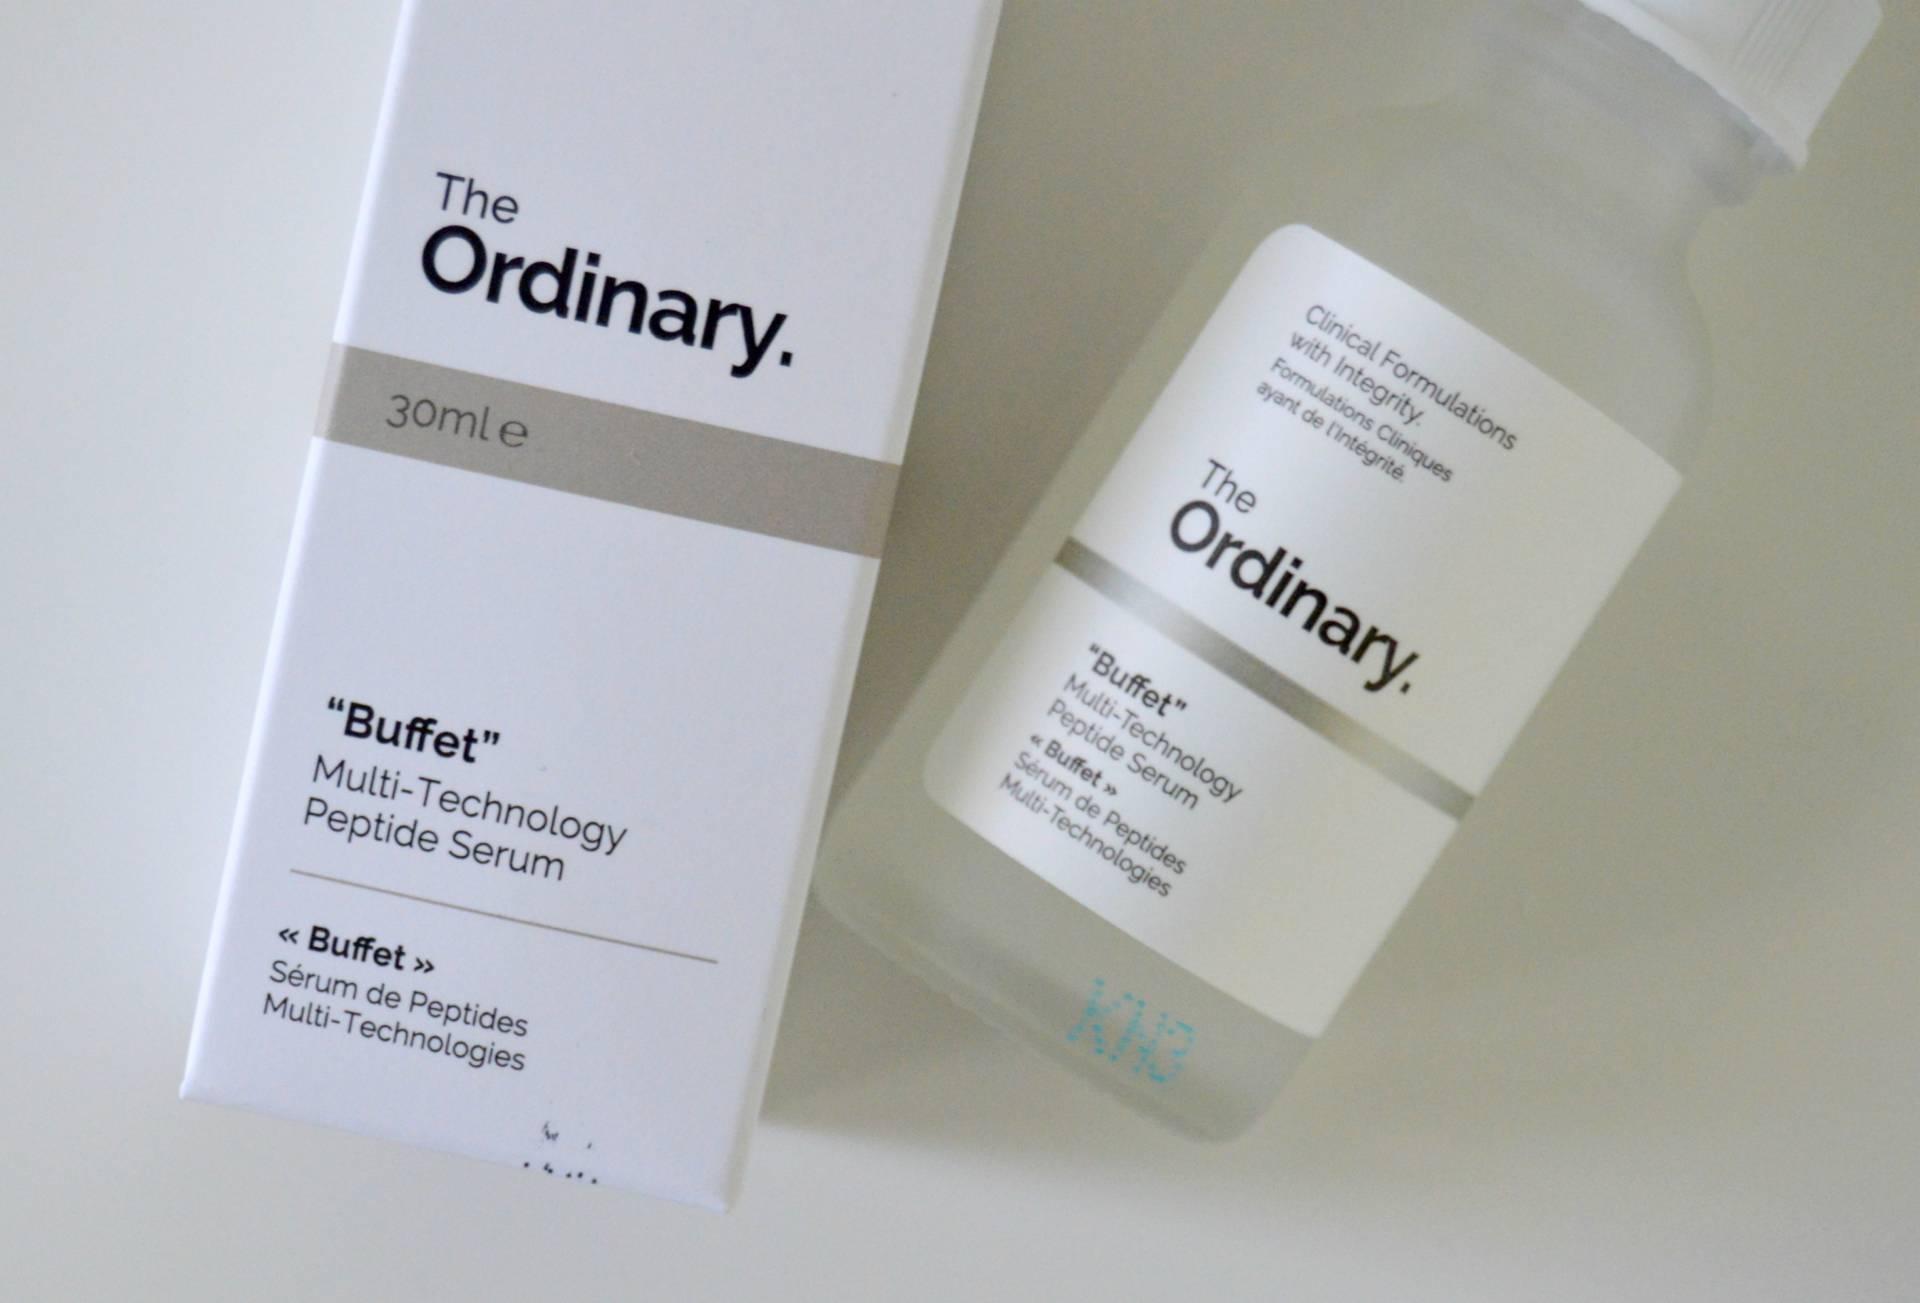 the-ordinary-buffet-serum-blend-inhautepursuit-review